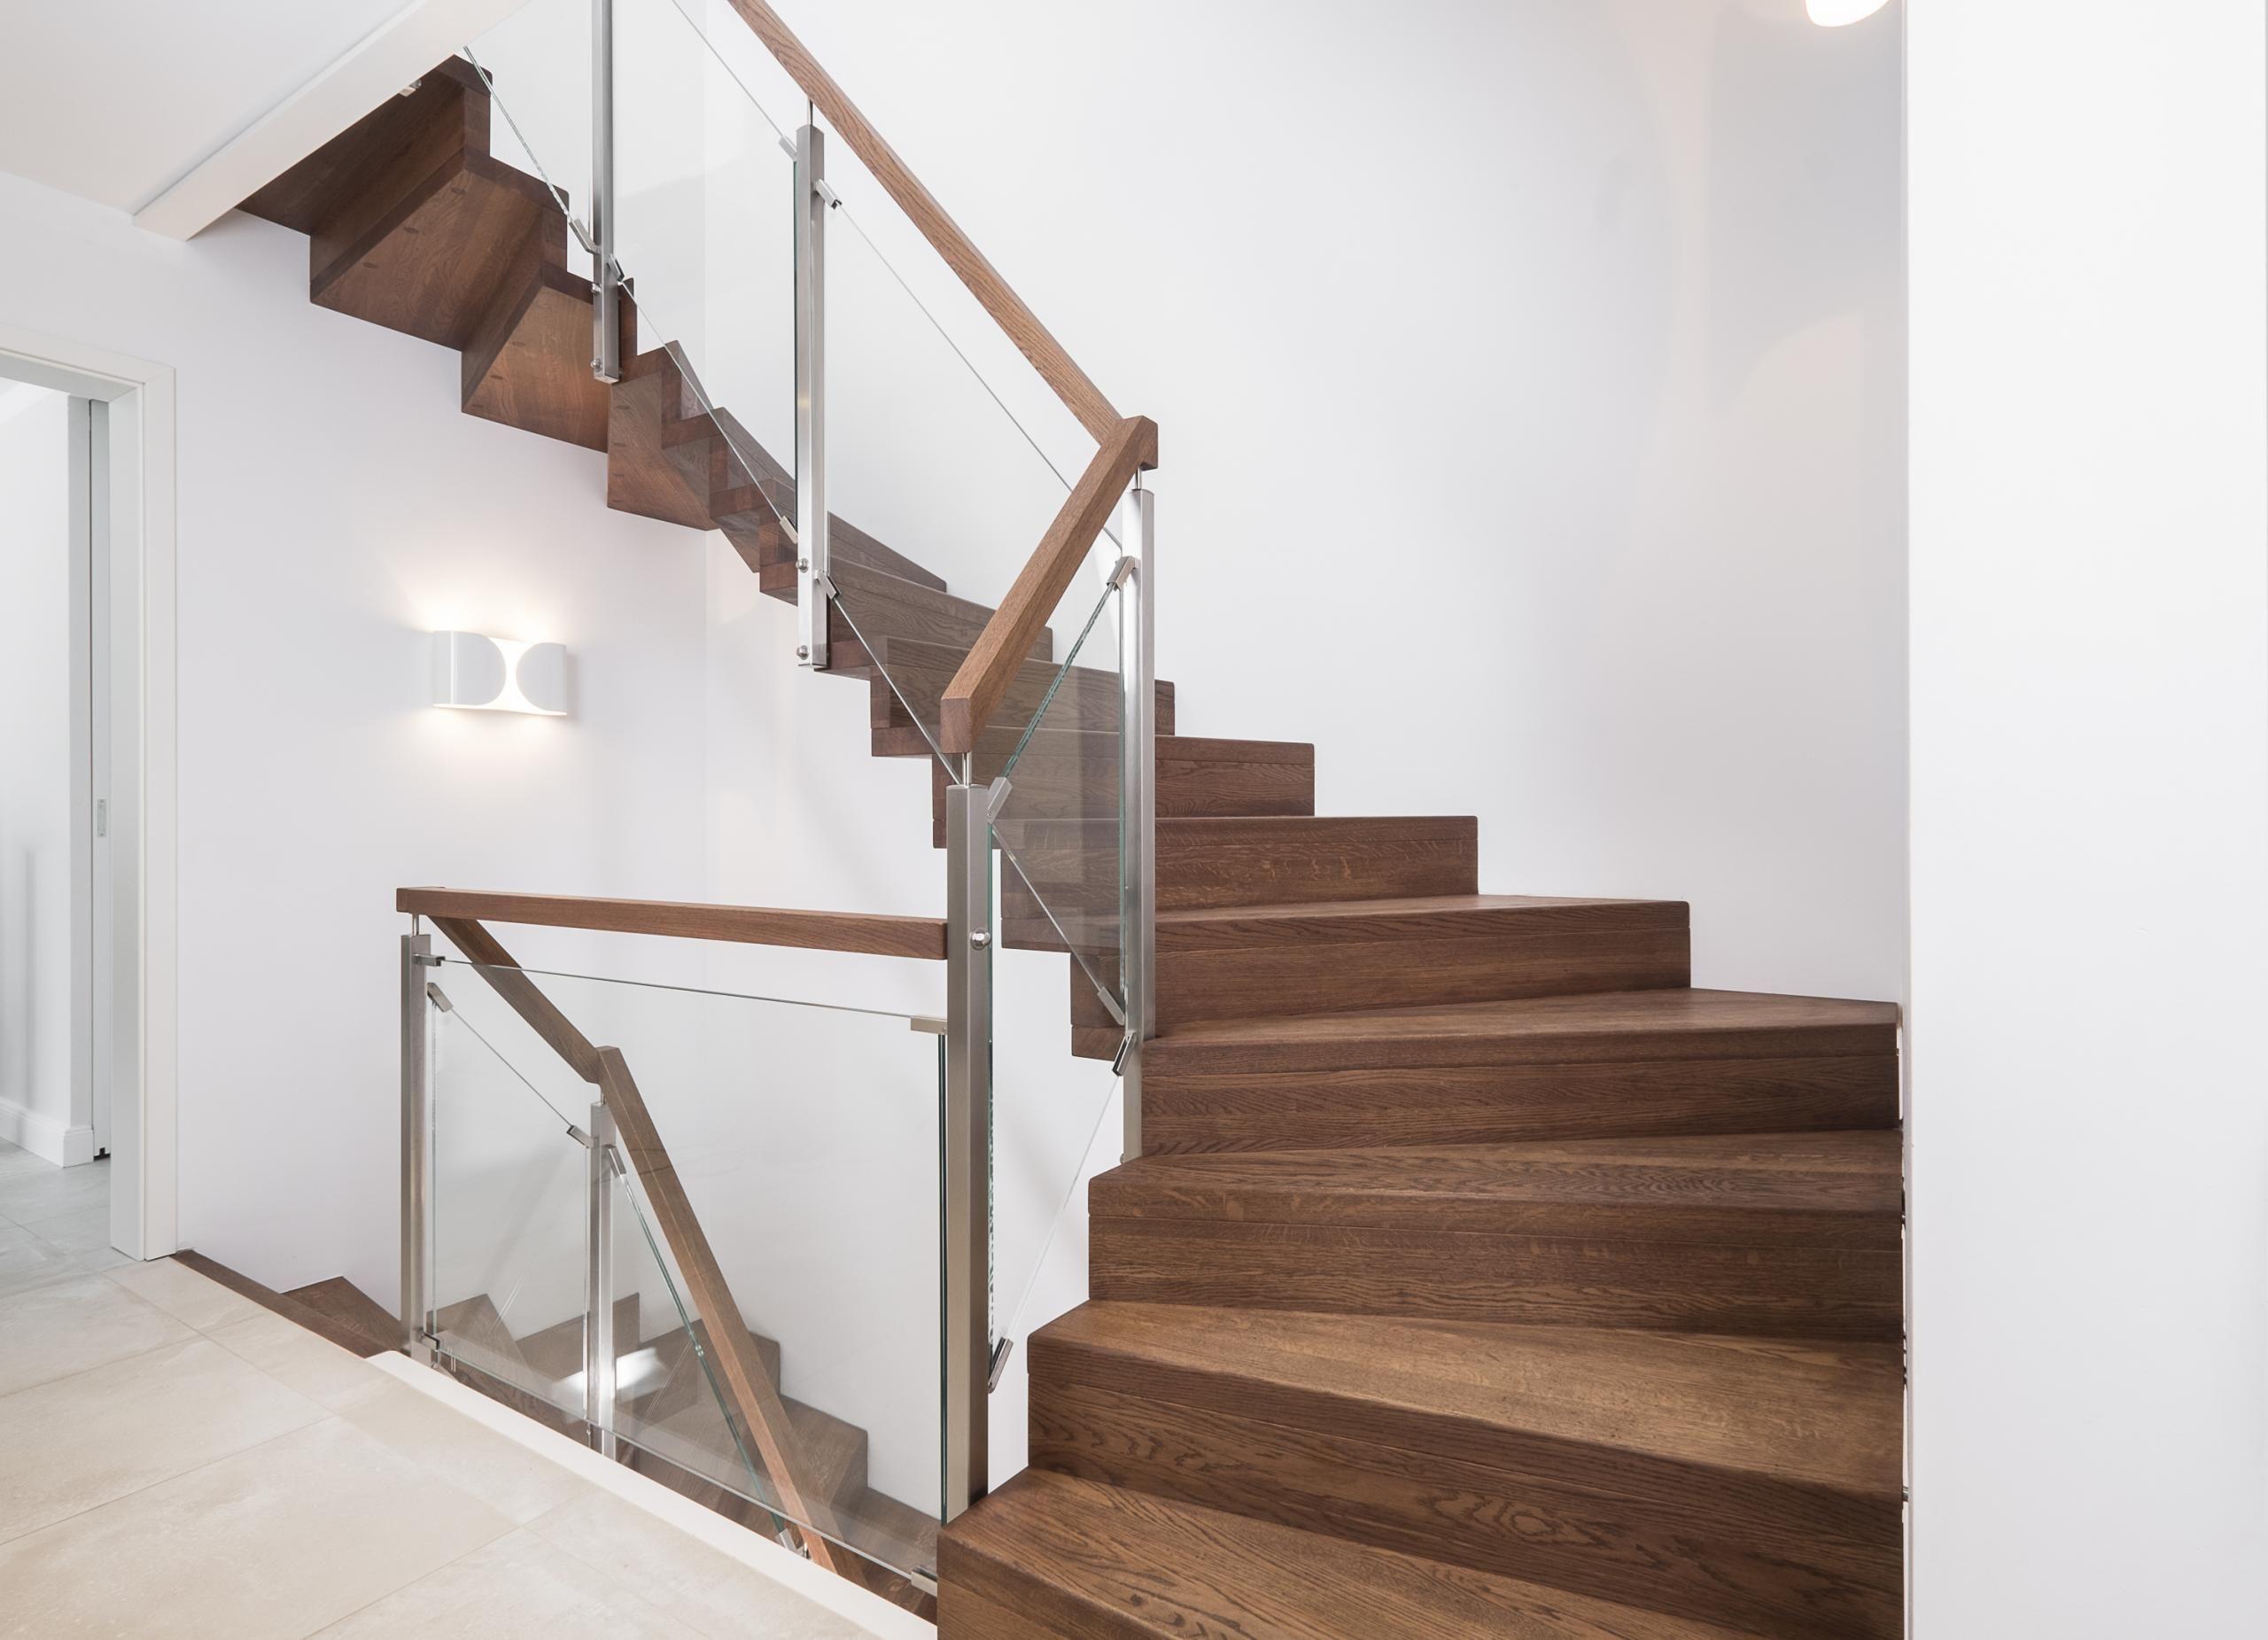 Voss Treppen faltwerktreppen direkt kaufen beim treppenhersteller treppenbau